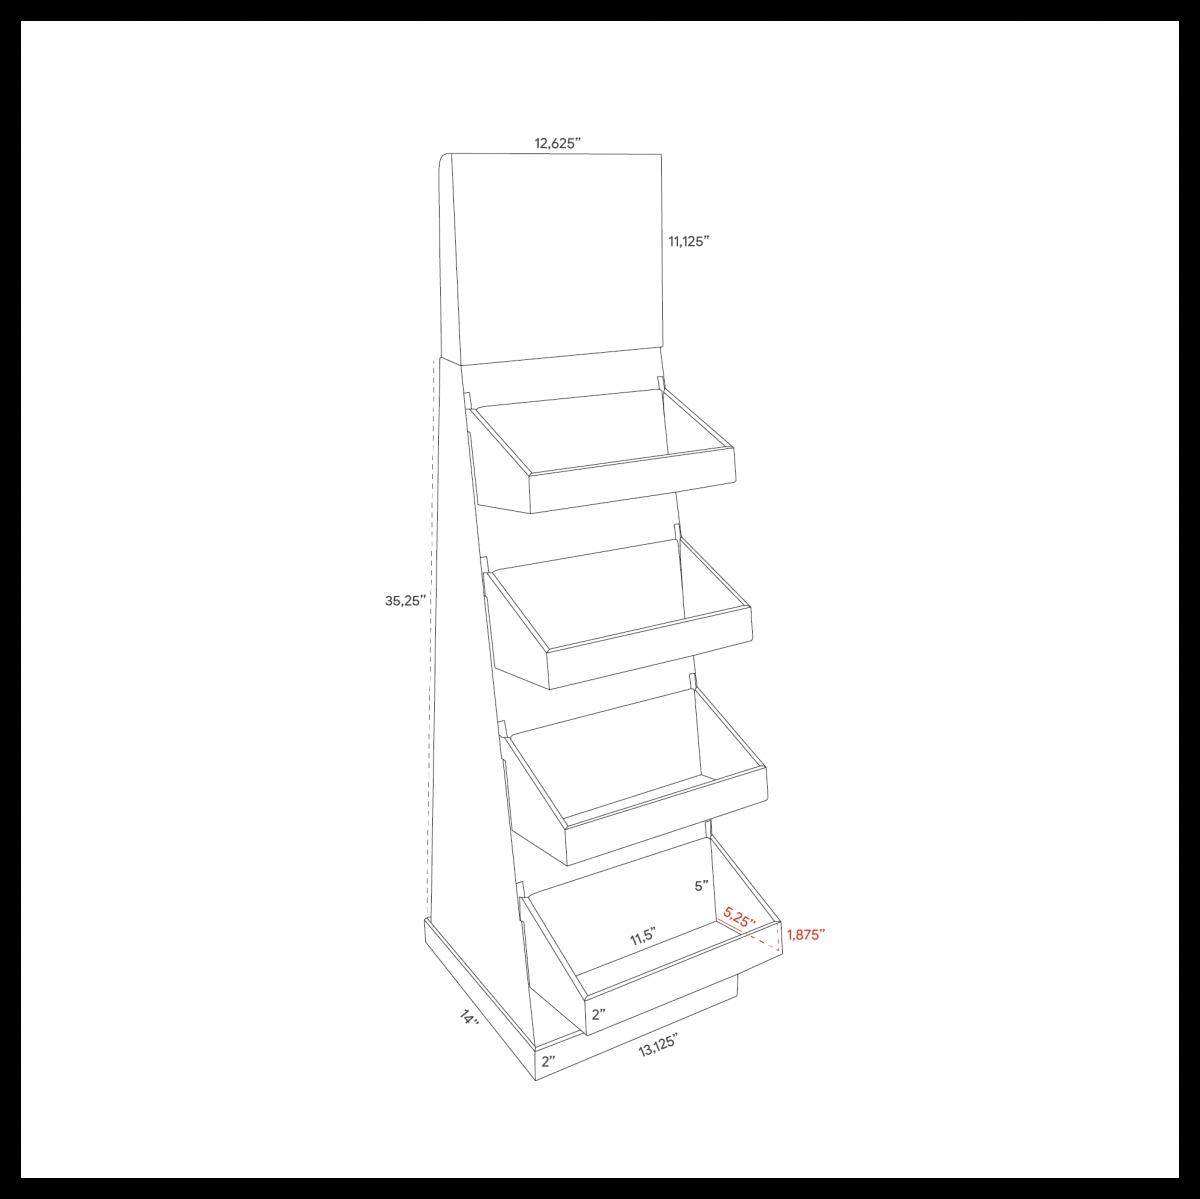 Présentoir de plancher en carton avec en-tête et tablettes, avec butoir au plancher (version grande aussi disponible) - dimensions